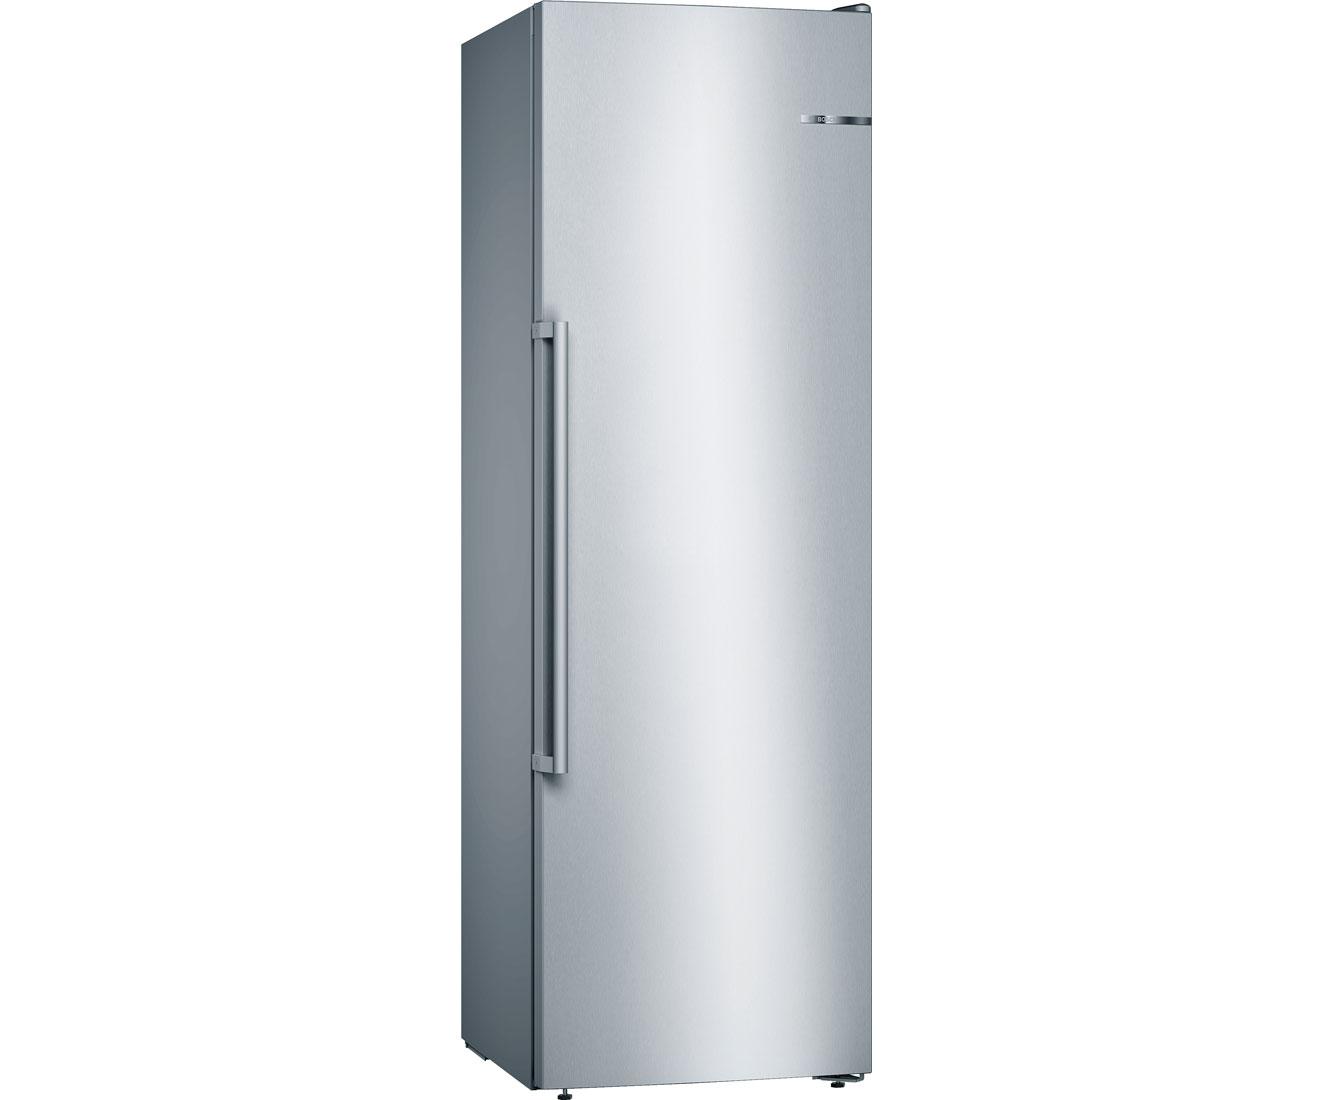 Bosch Kühlschrank Freistehend Mit Gefrierfach : Bosch gsn ai p gefrierschrank mit no frost l edelstahl a